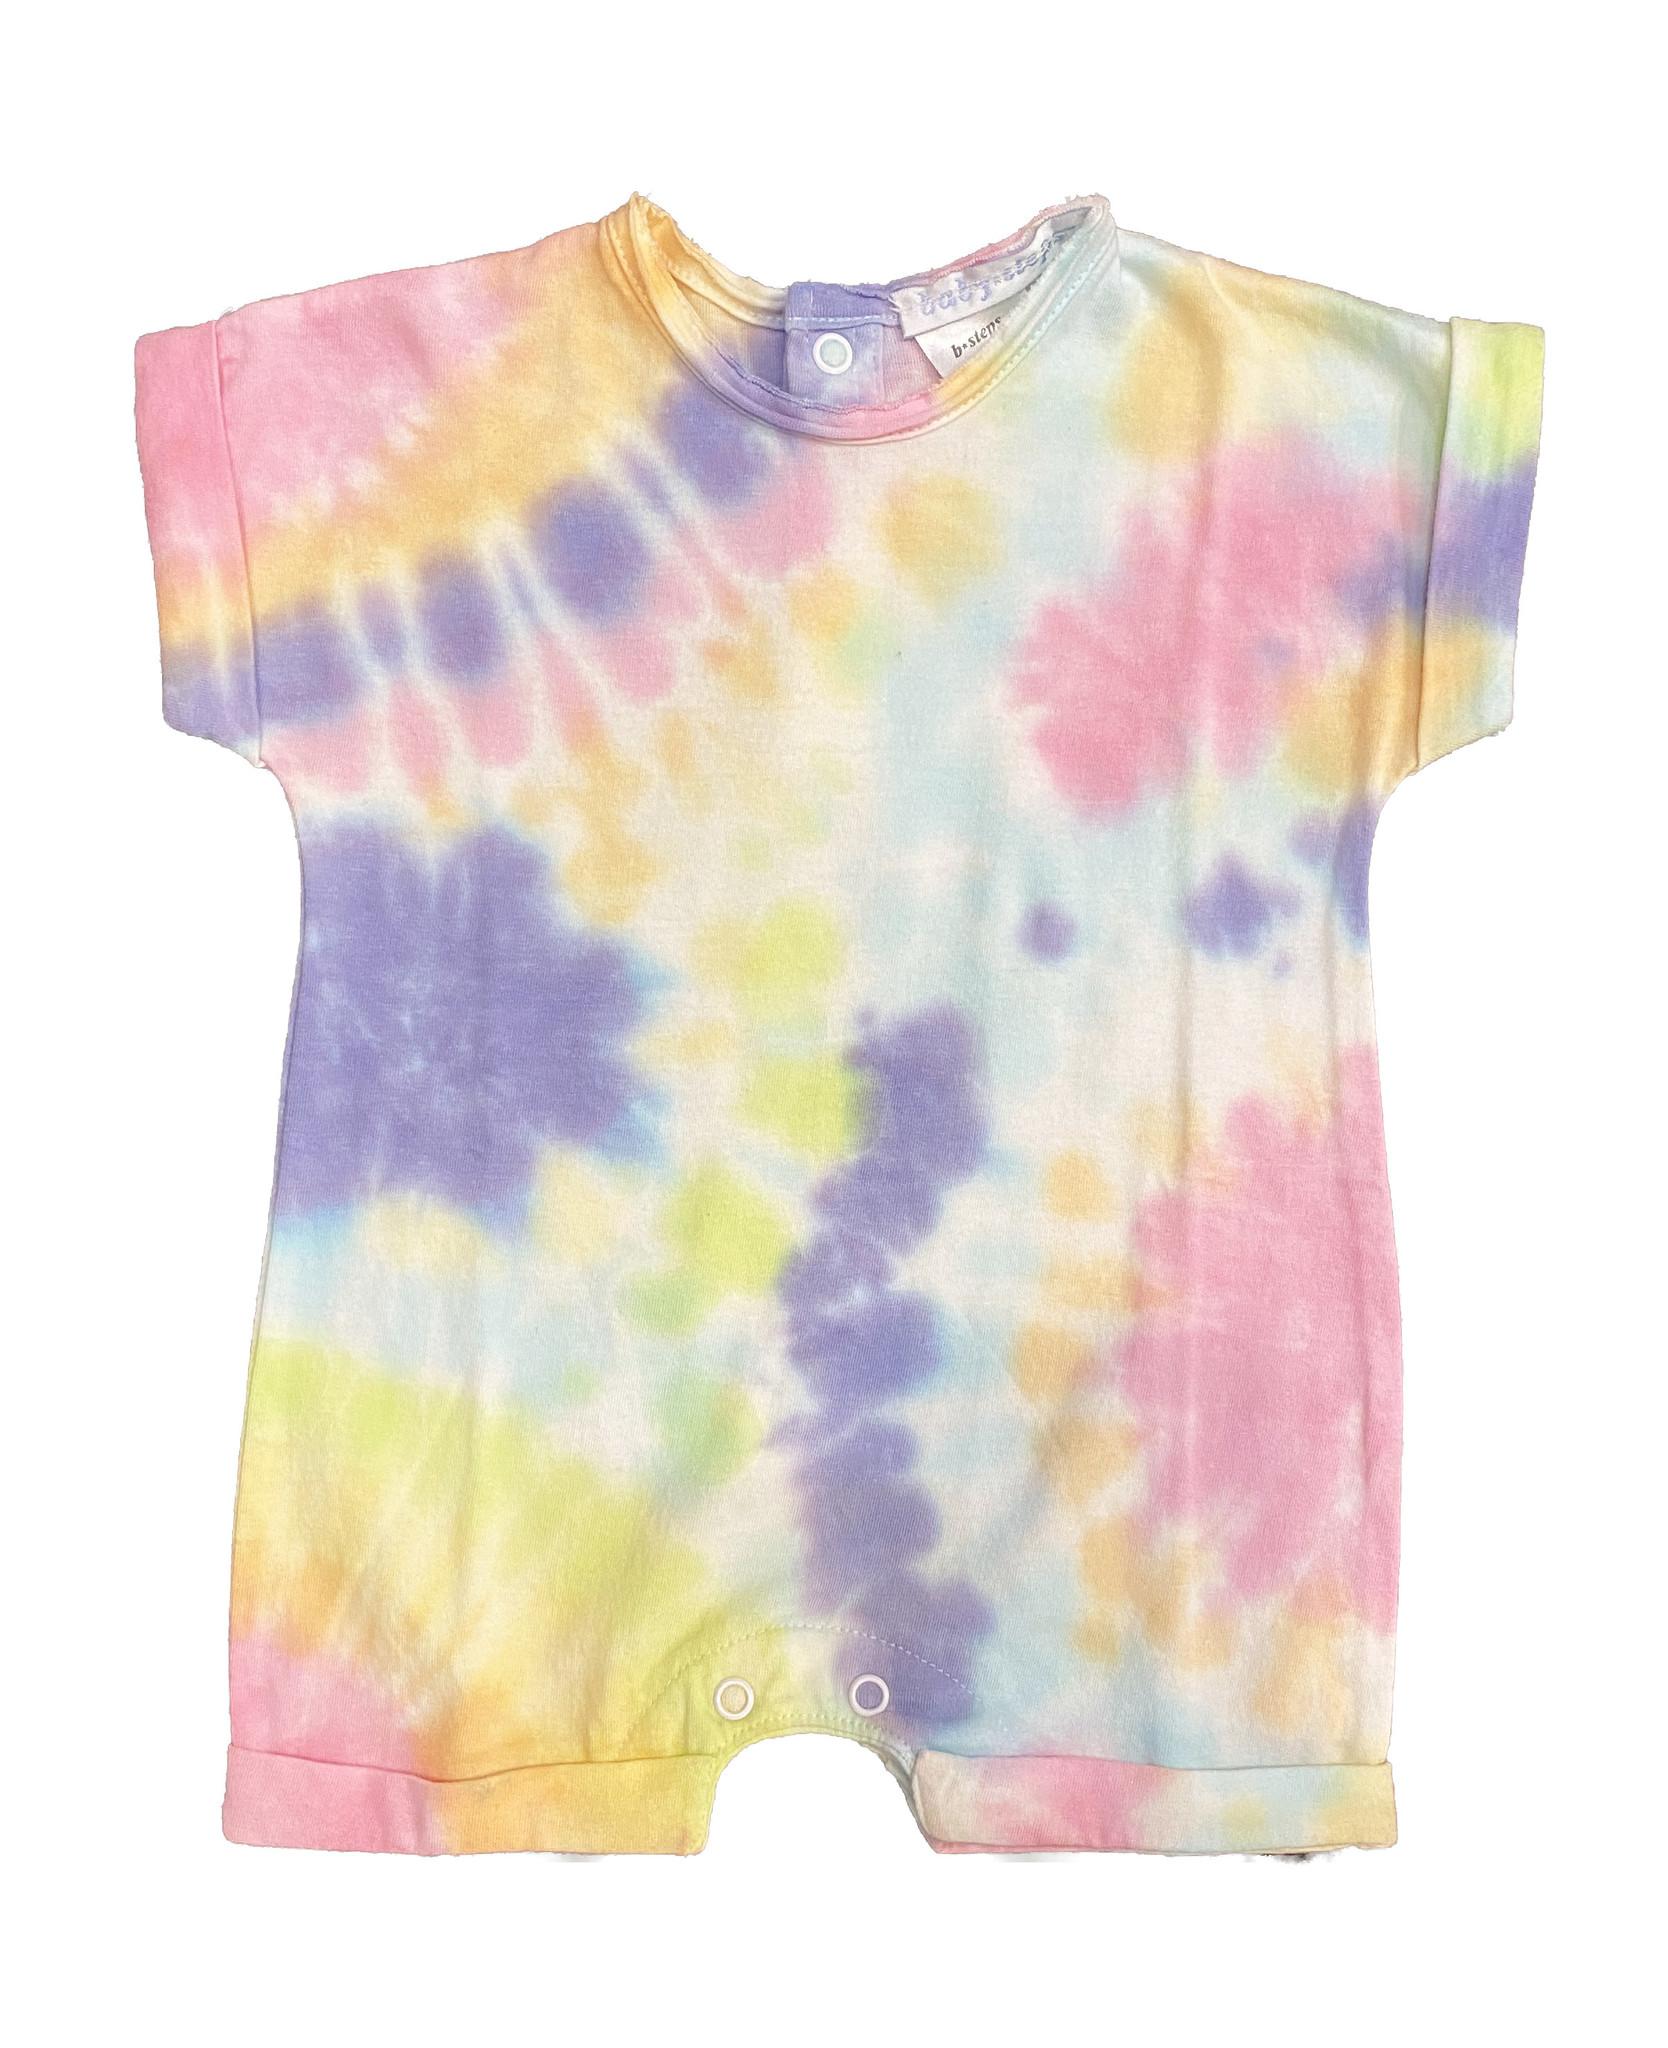 Baby Steps Colorful Tie Dye Romper